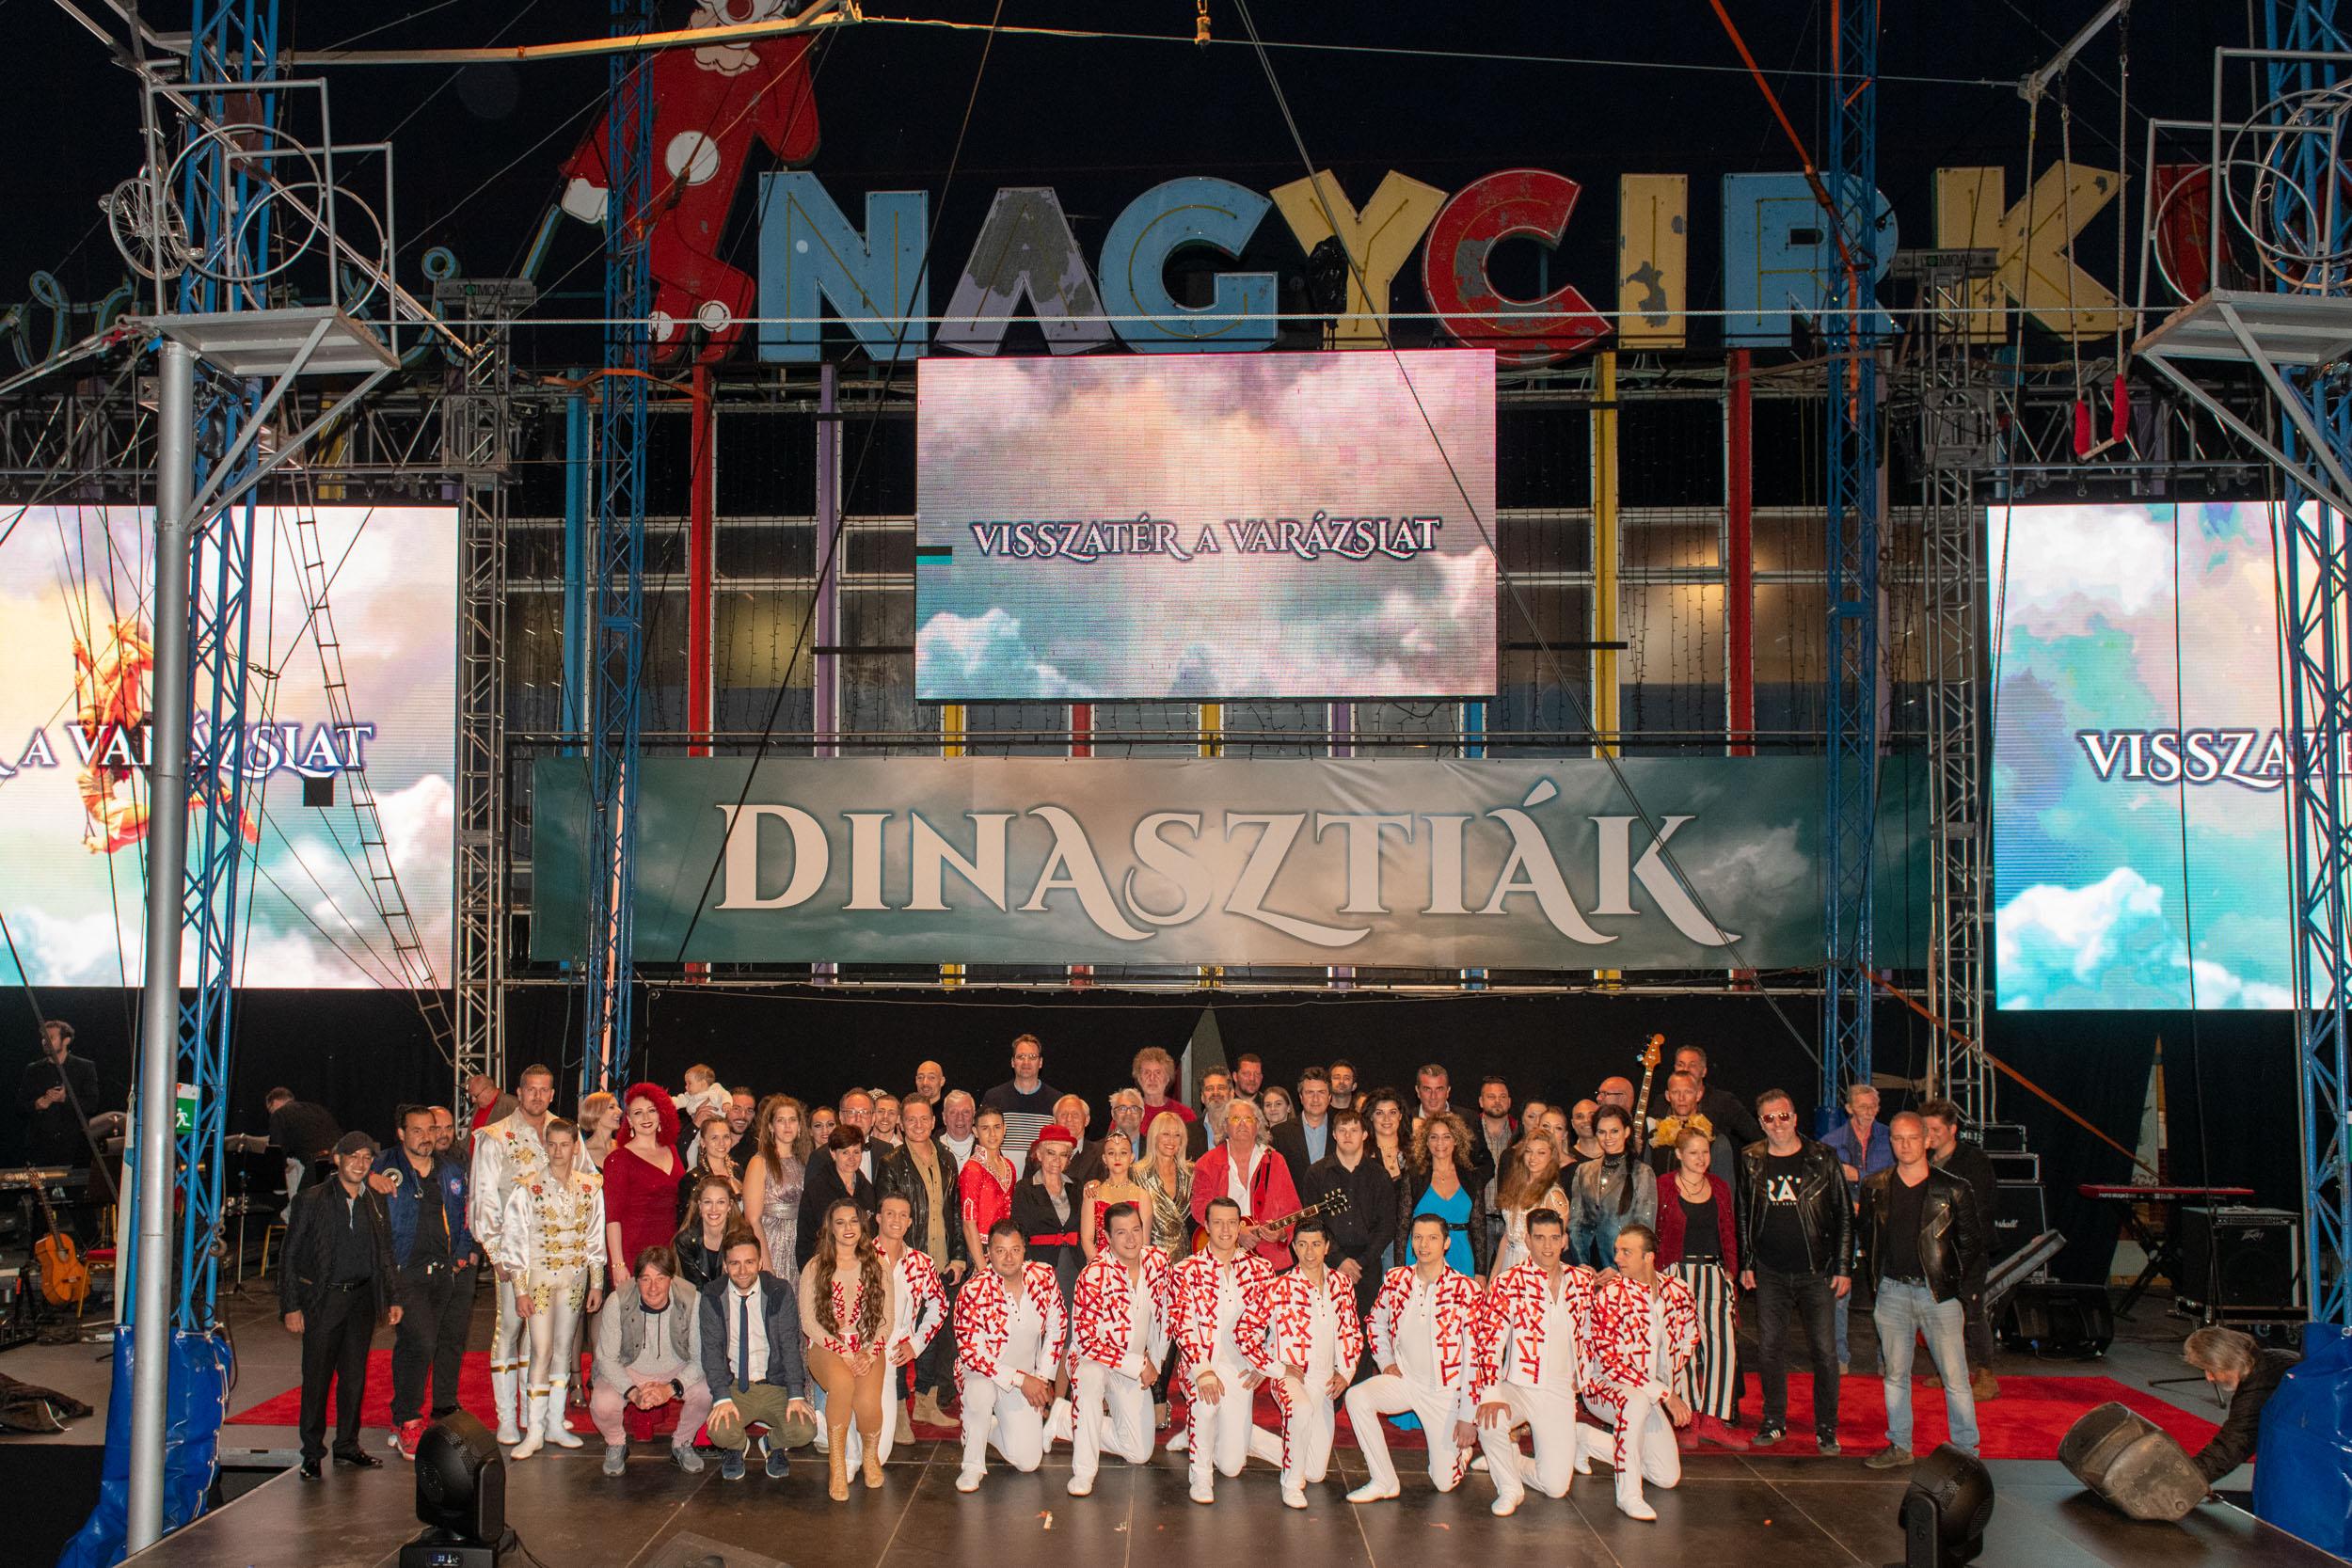 Impozáns gálaműsorral ünnepelte a Fővárosi Nagycirkusz az újranyitást